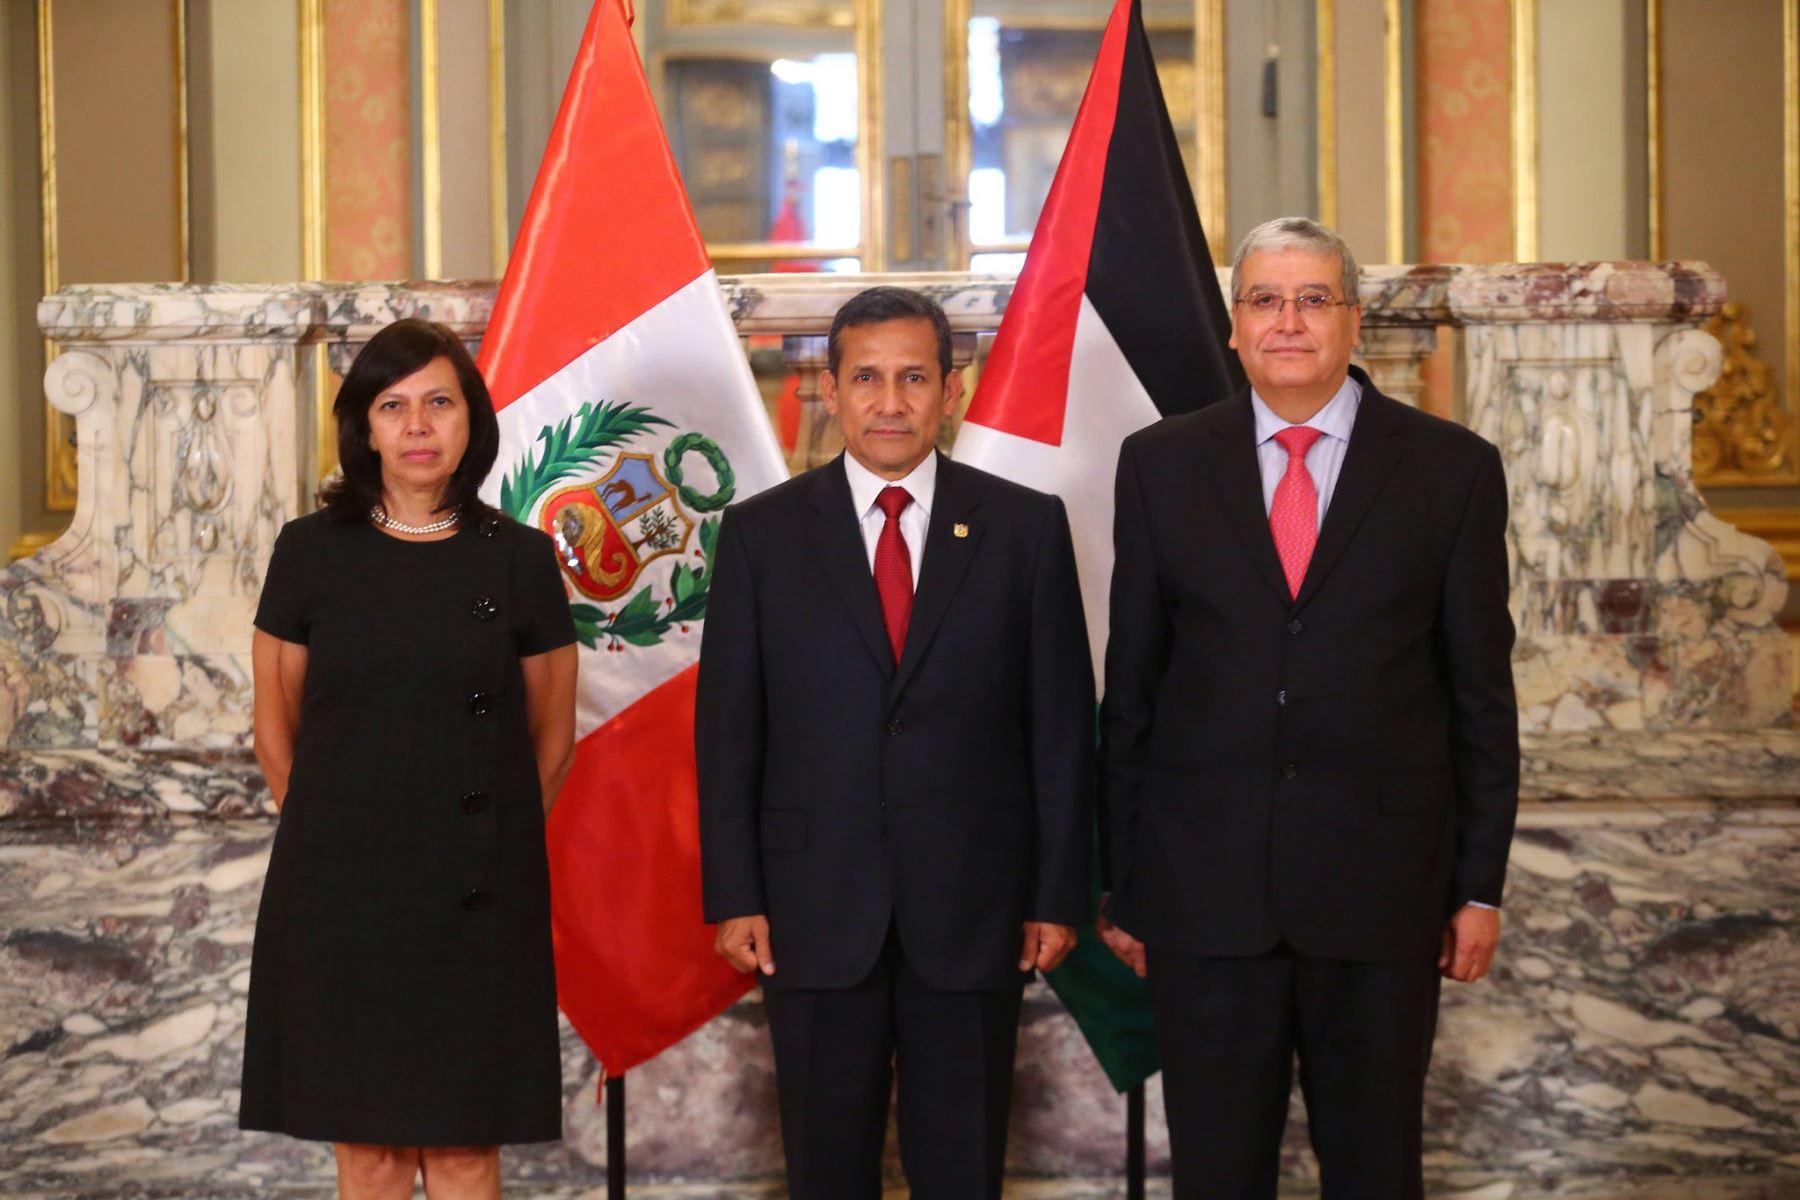 Presidente Ollanta Humala recibe cartas credenciales de embajador del Estado de Palestina, Walid Ibrahim Muaqqa.